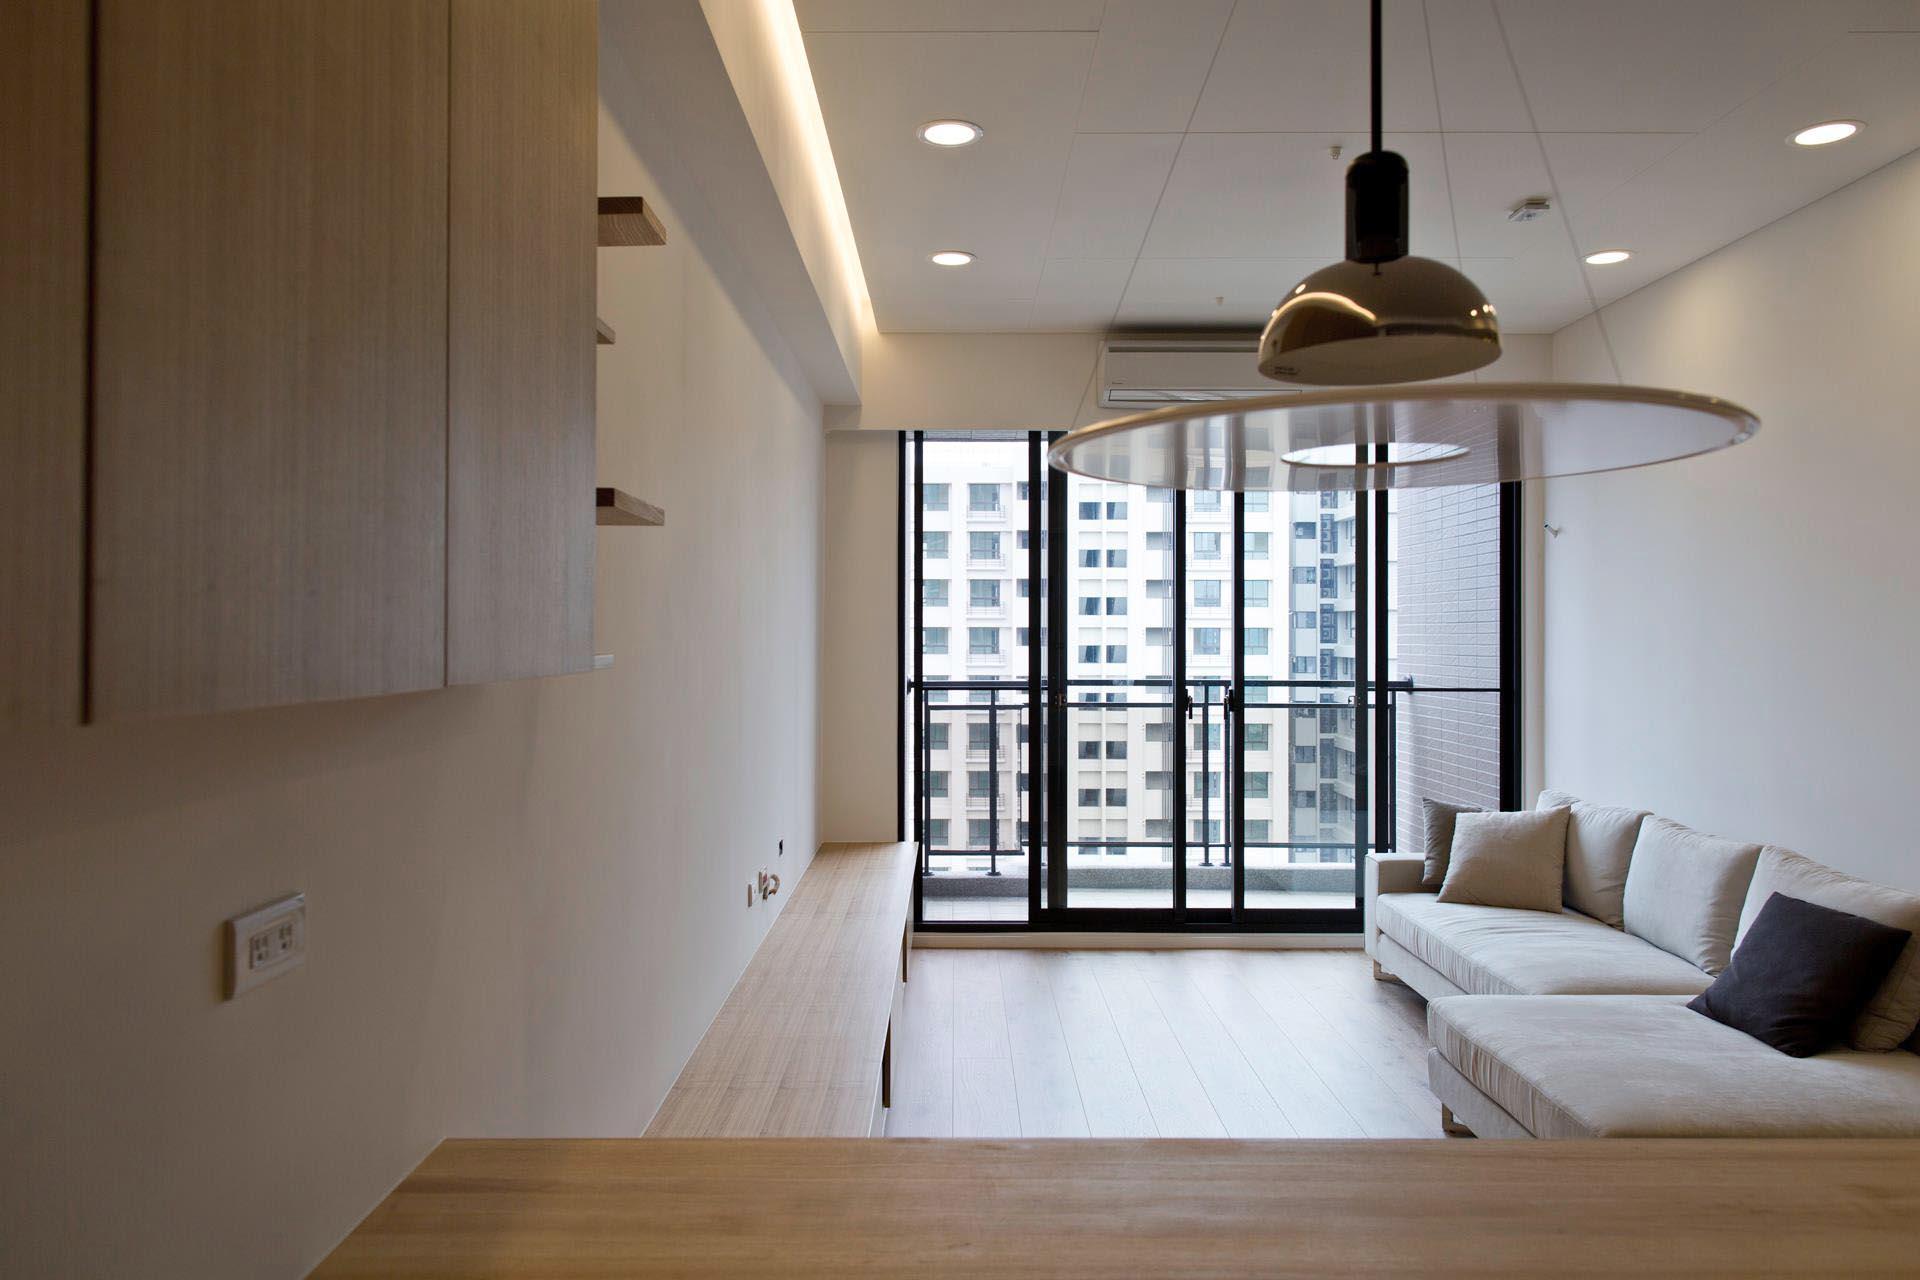 從餐廳看客廳,落地窗搭配整合過的水平線條,空間感開闊